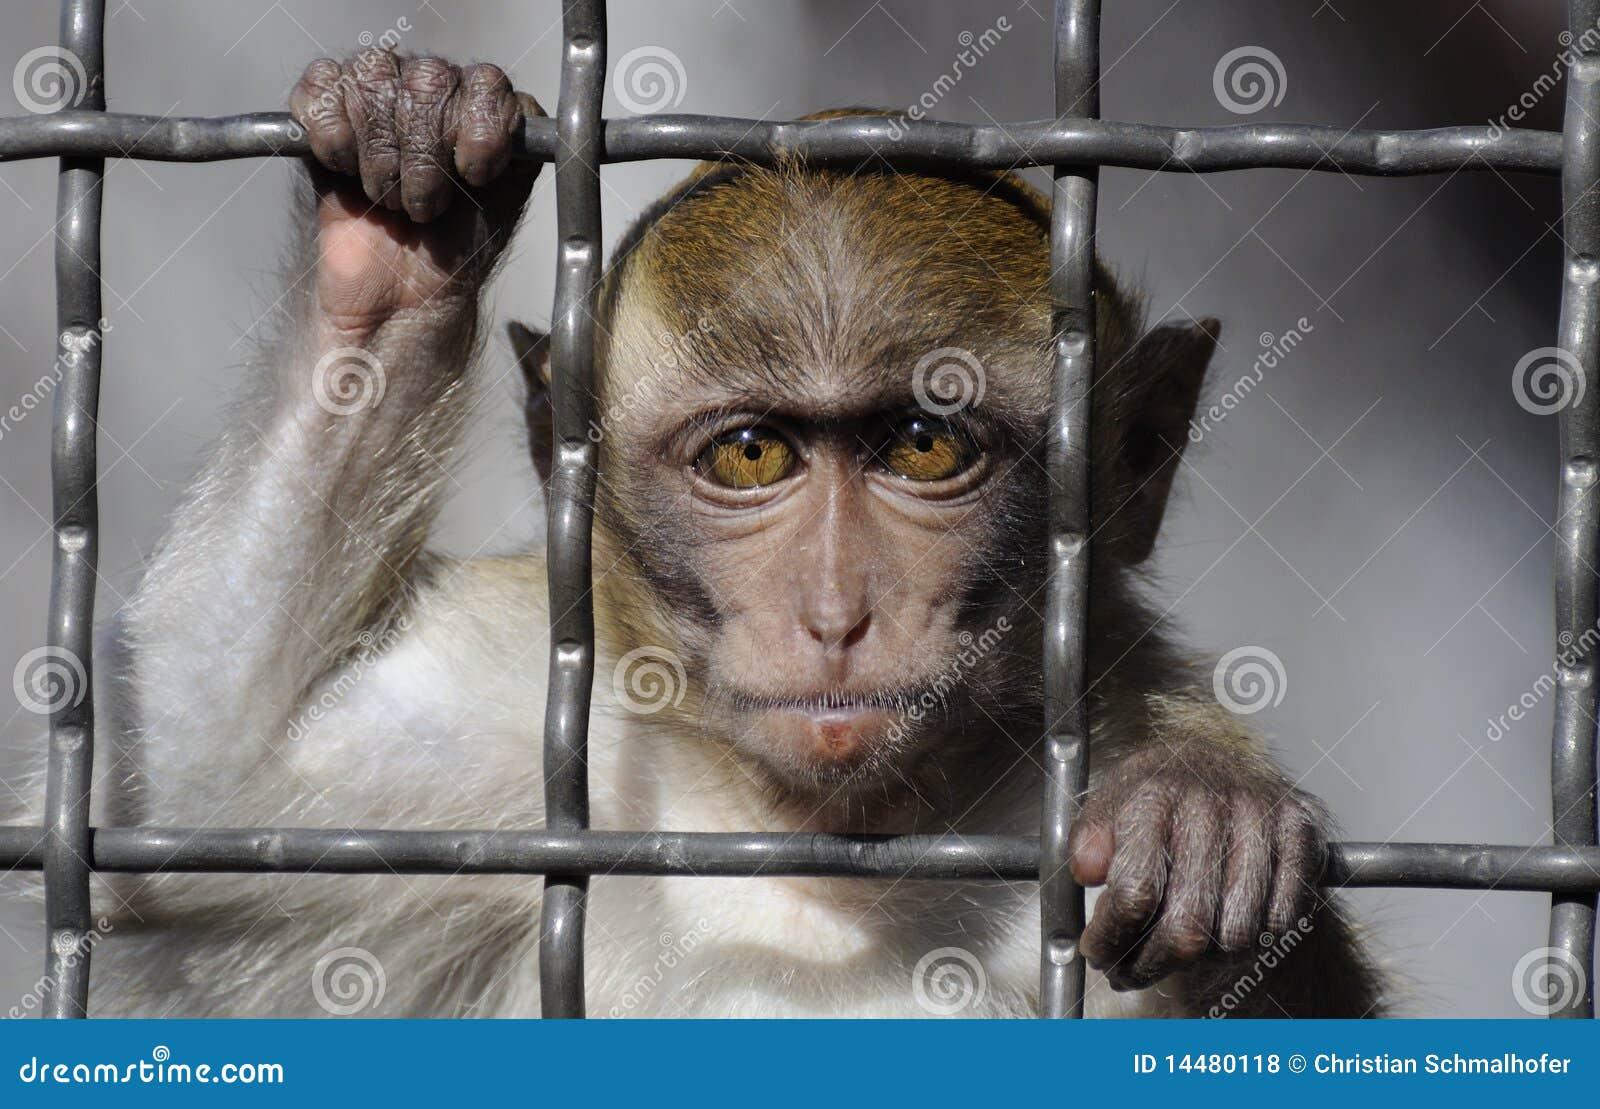 Granchio-cibo del Macaque dietro le barre